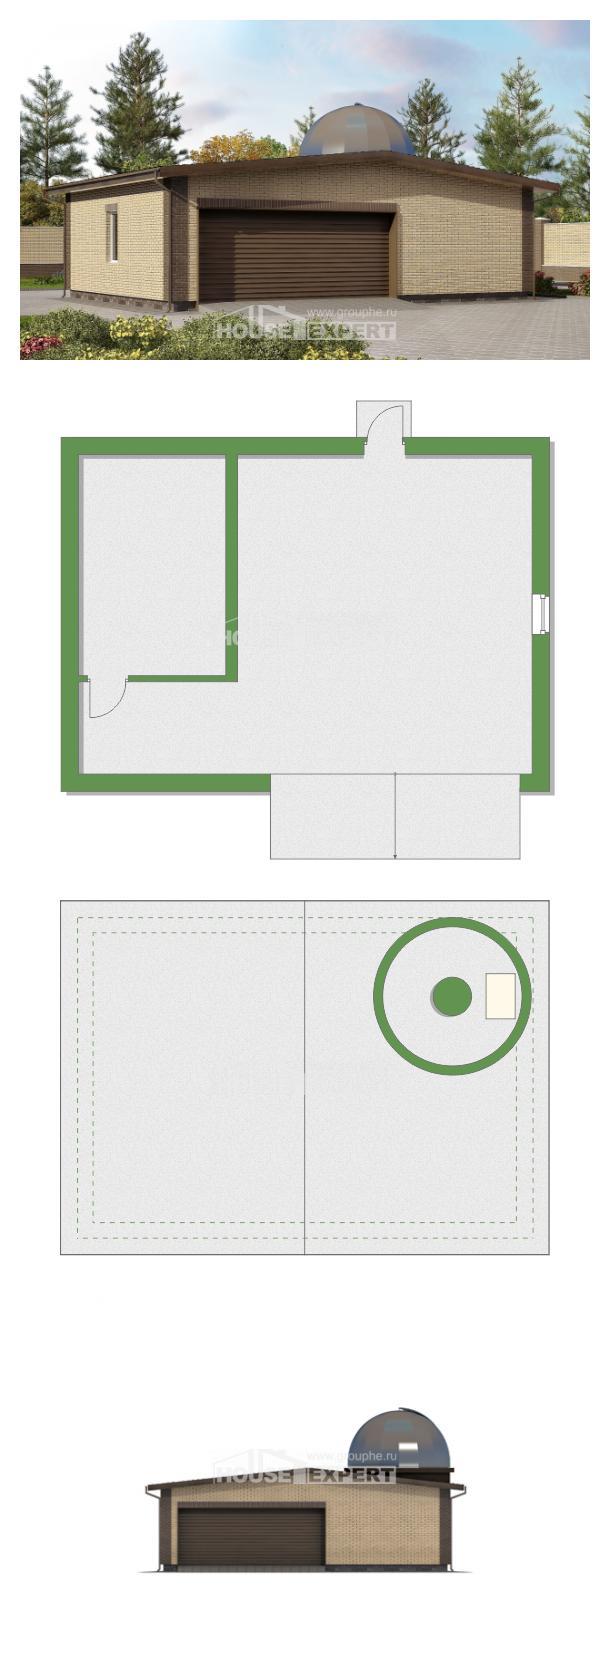 Plan 075-001-L | House Expert